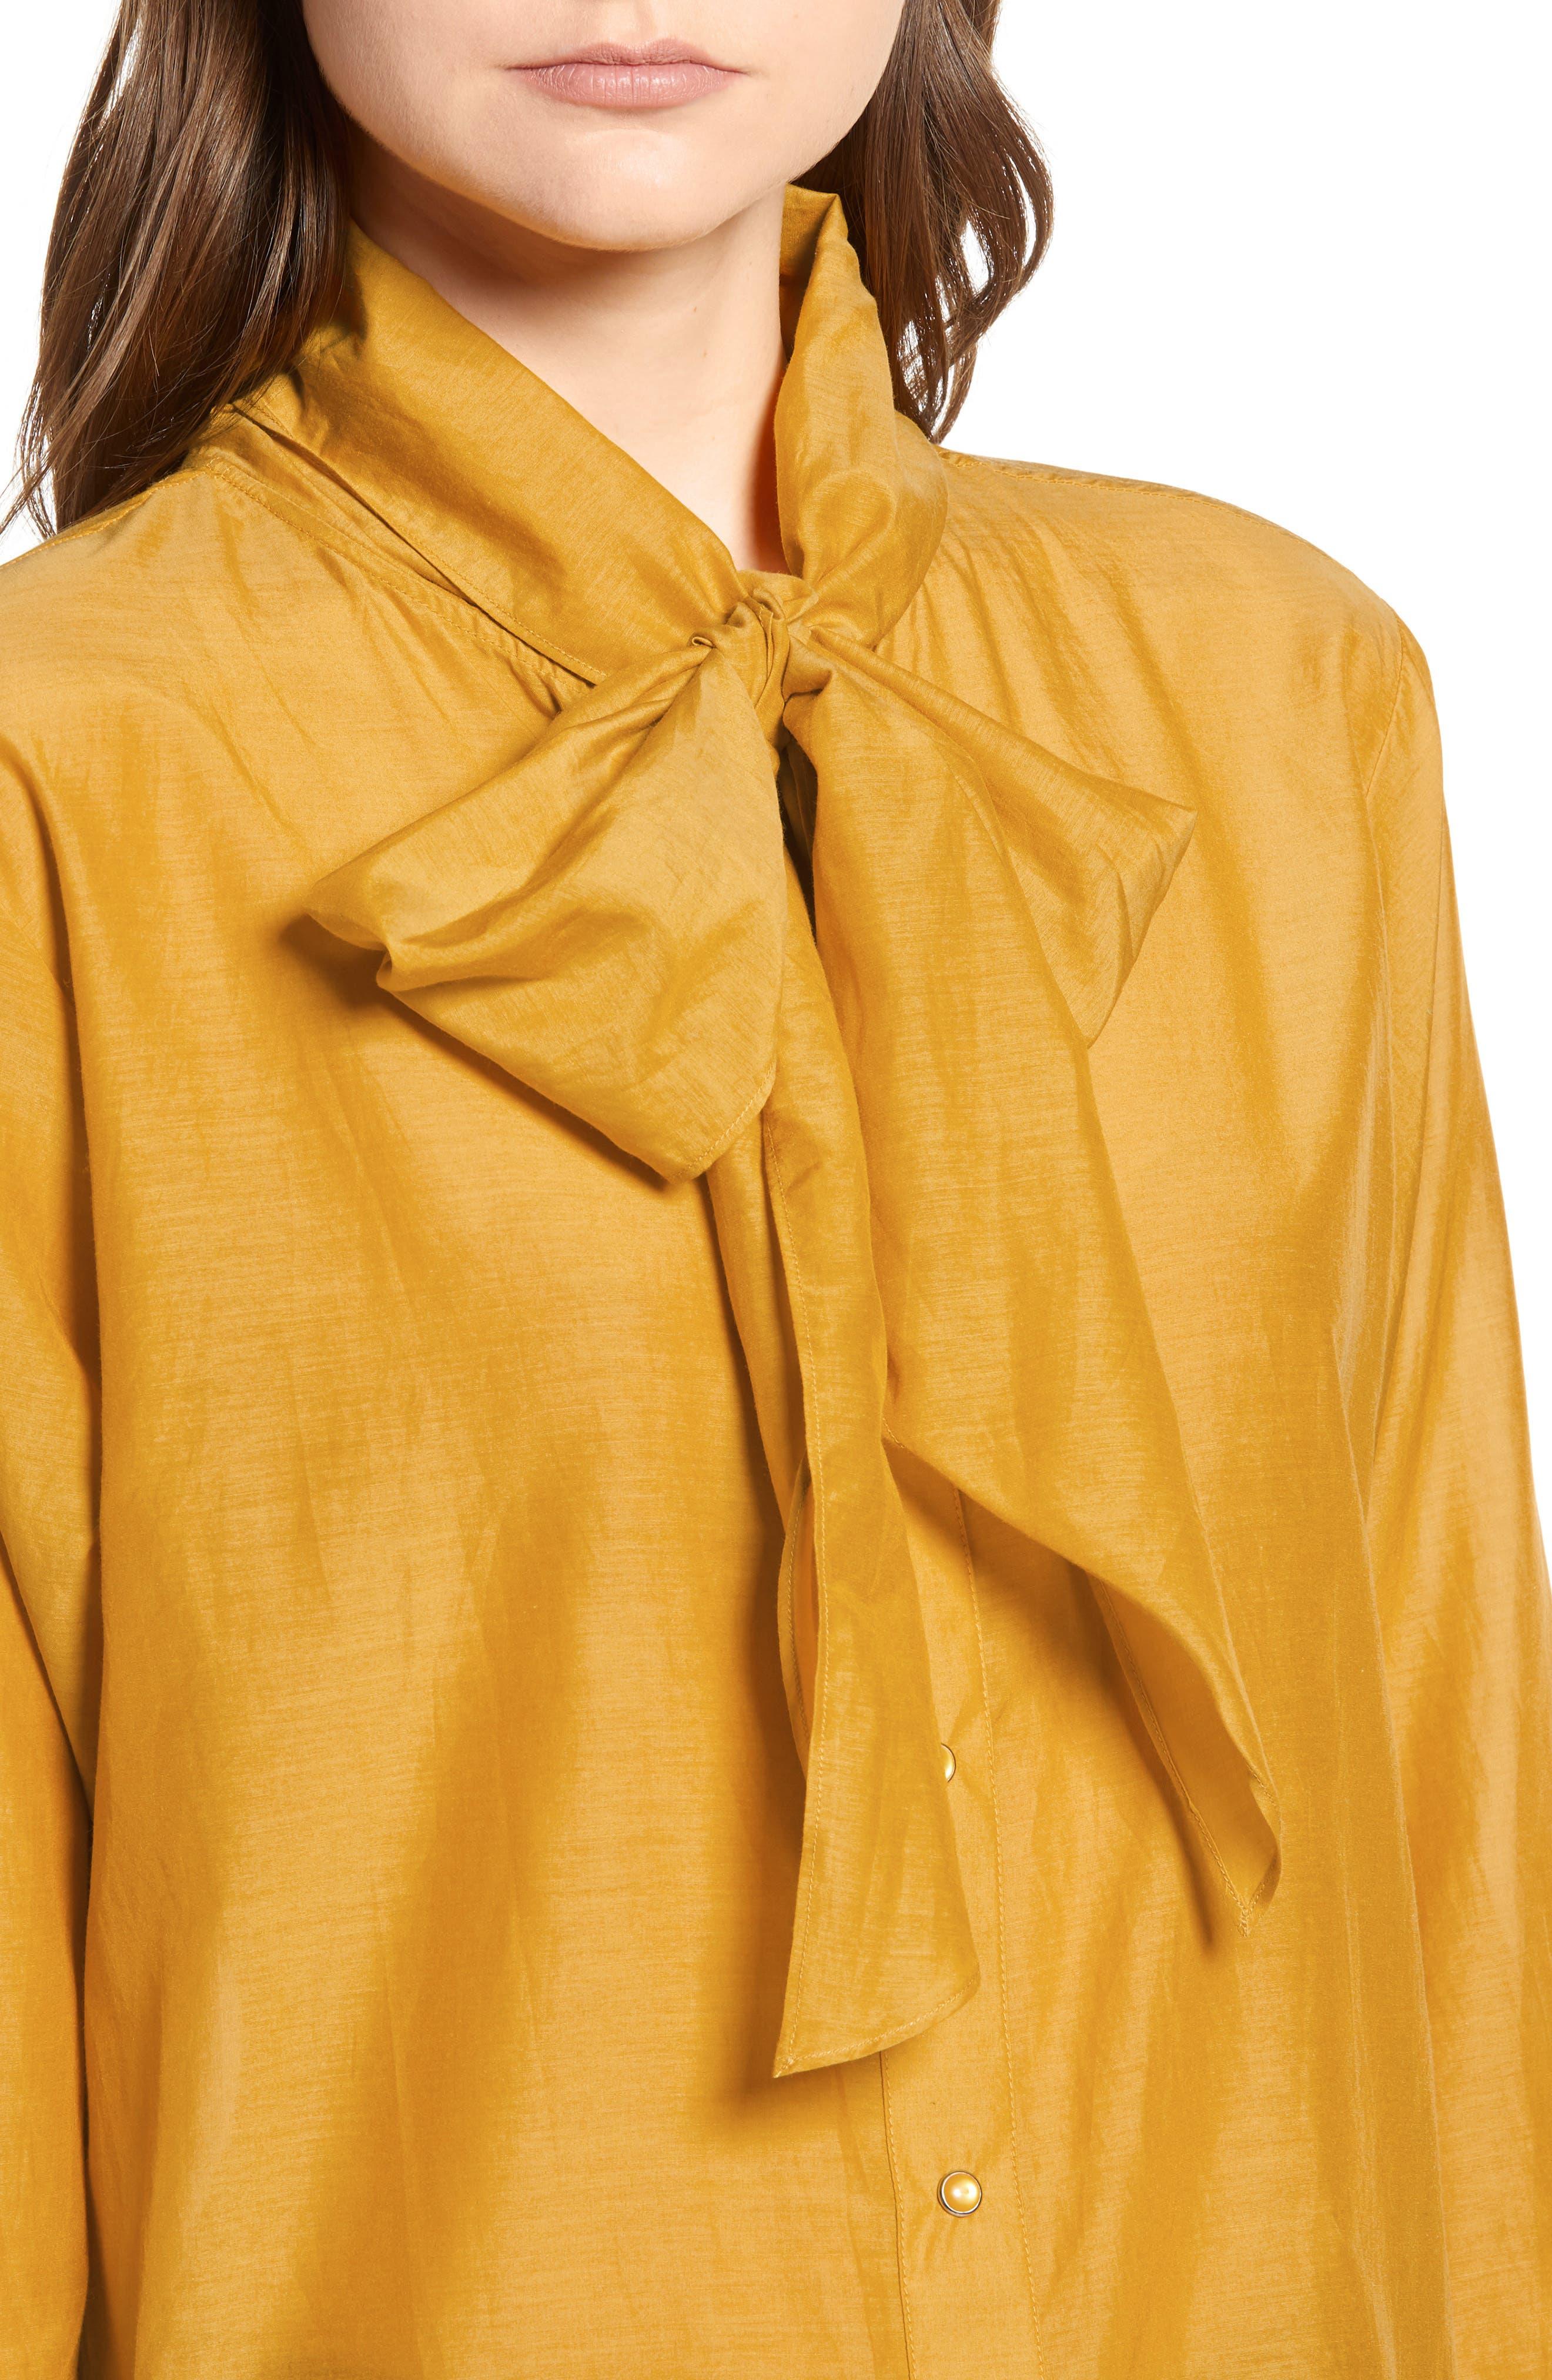 Cotton Silk Bow Tie Blouse,                             Alternate thumbnail 4, color,                             720